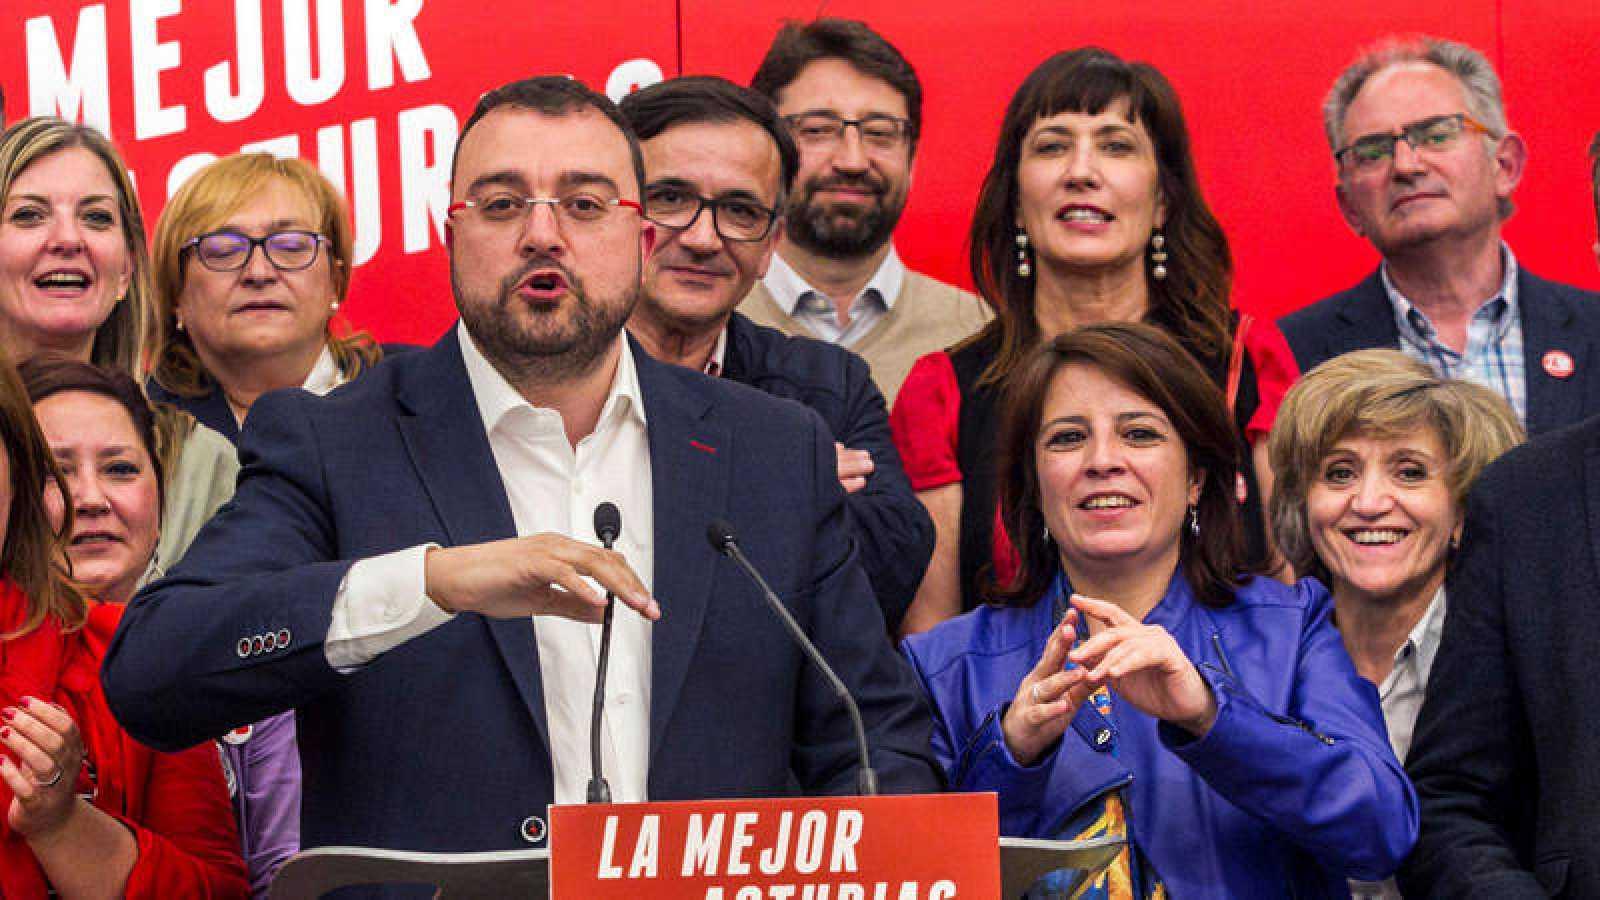 El candidato del PSOE a la Presidencia del Principado, Adrián Barbón, celebra su victoria en Asturias